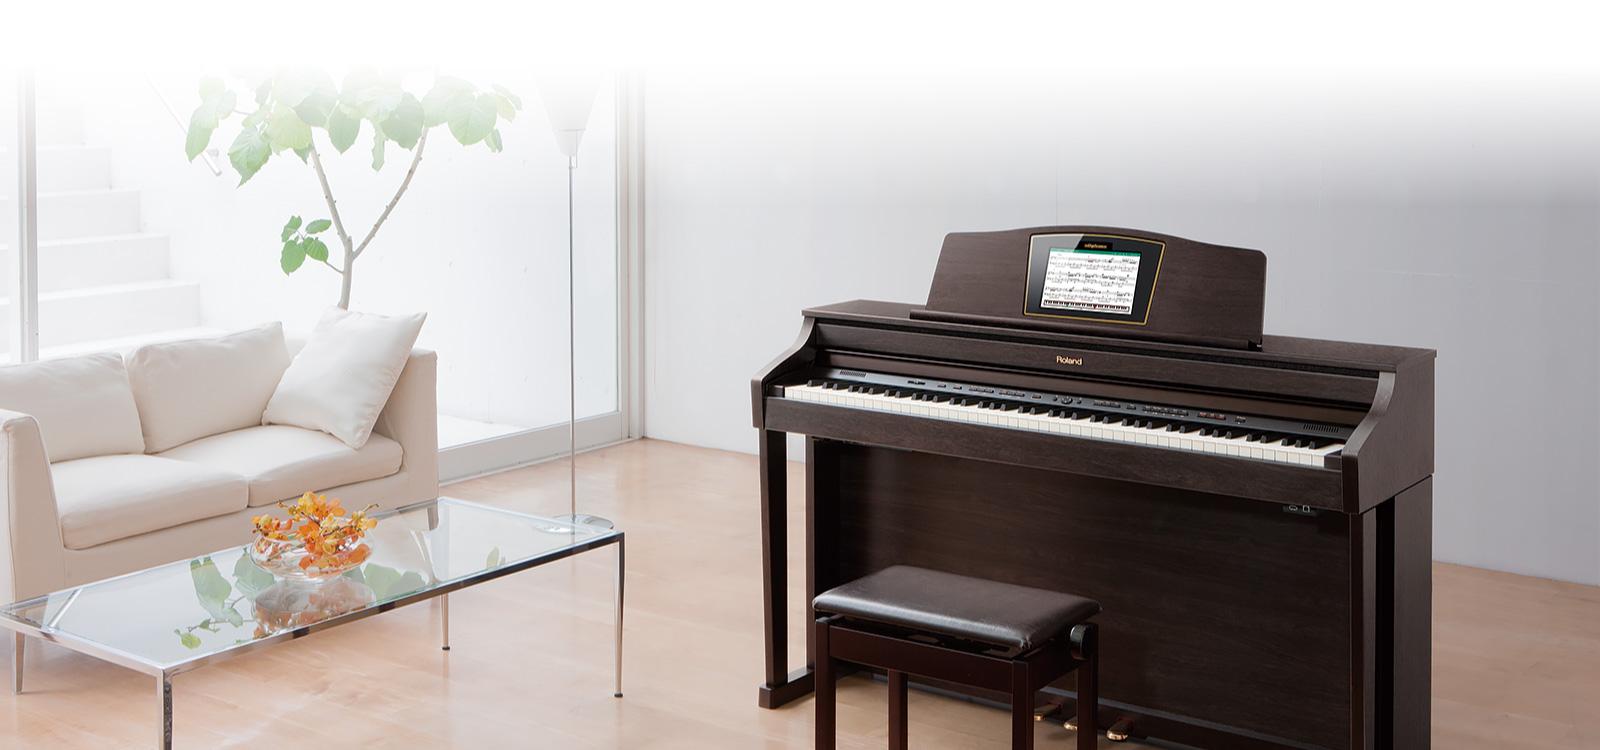 فروش پیانو دیجیتال رولند مدل HPi 50 RW